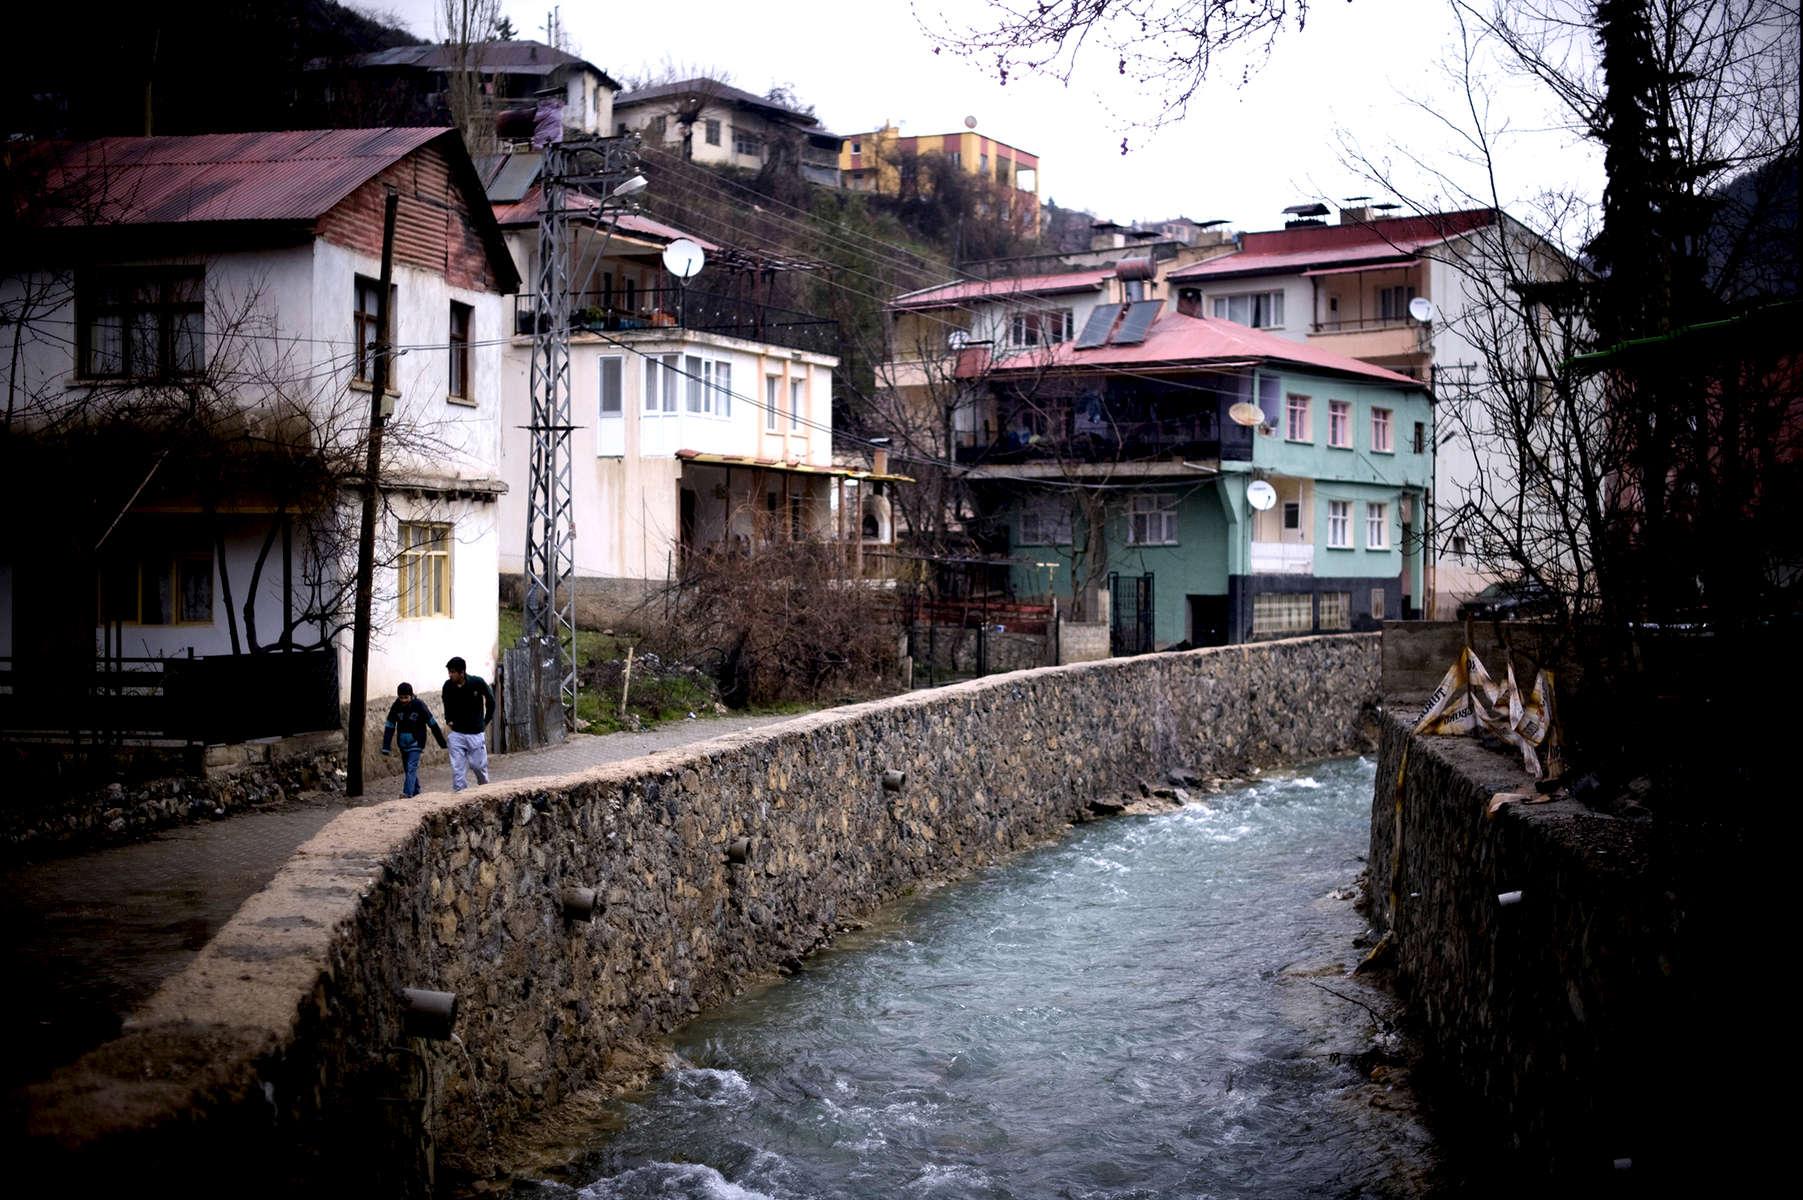 River Göksun, formerly the Kirkot River - Saimbeyli, Turkey, formerly Hadjin